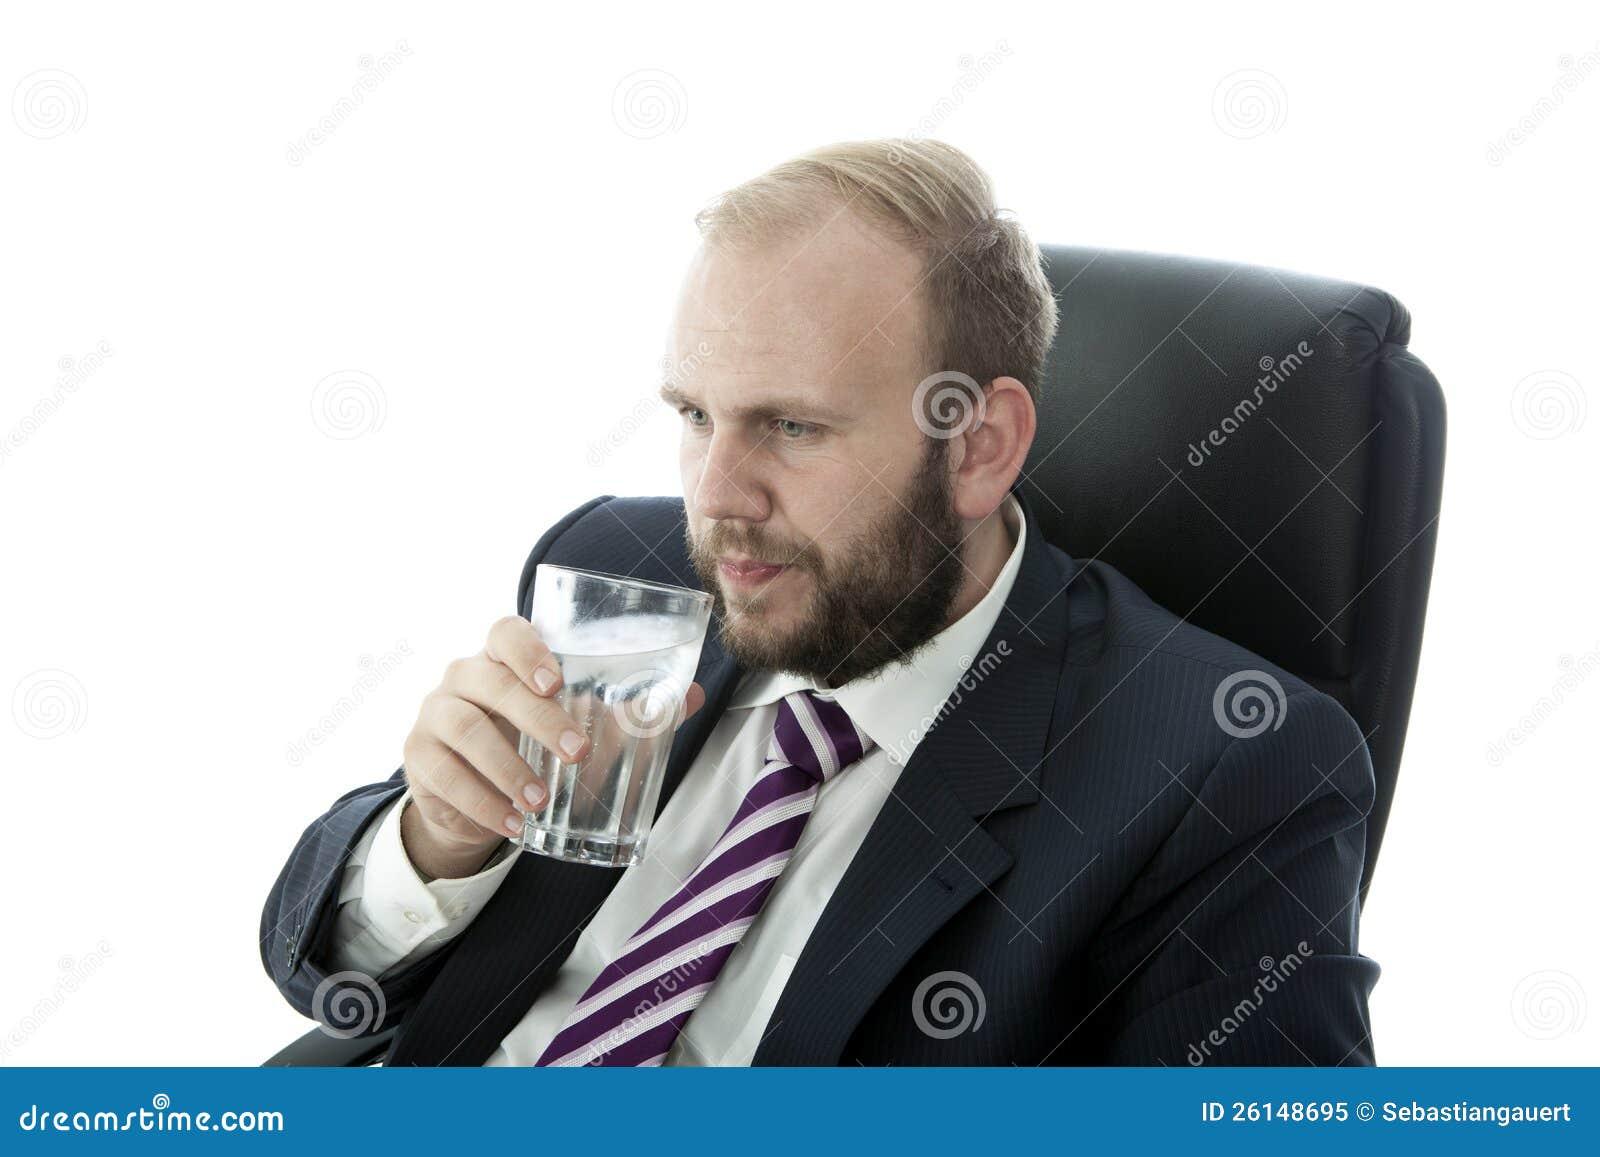 Vatten för drink för skäggaffärsman glass medan arbete